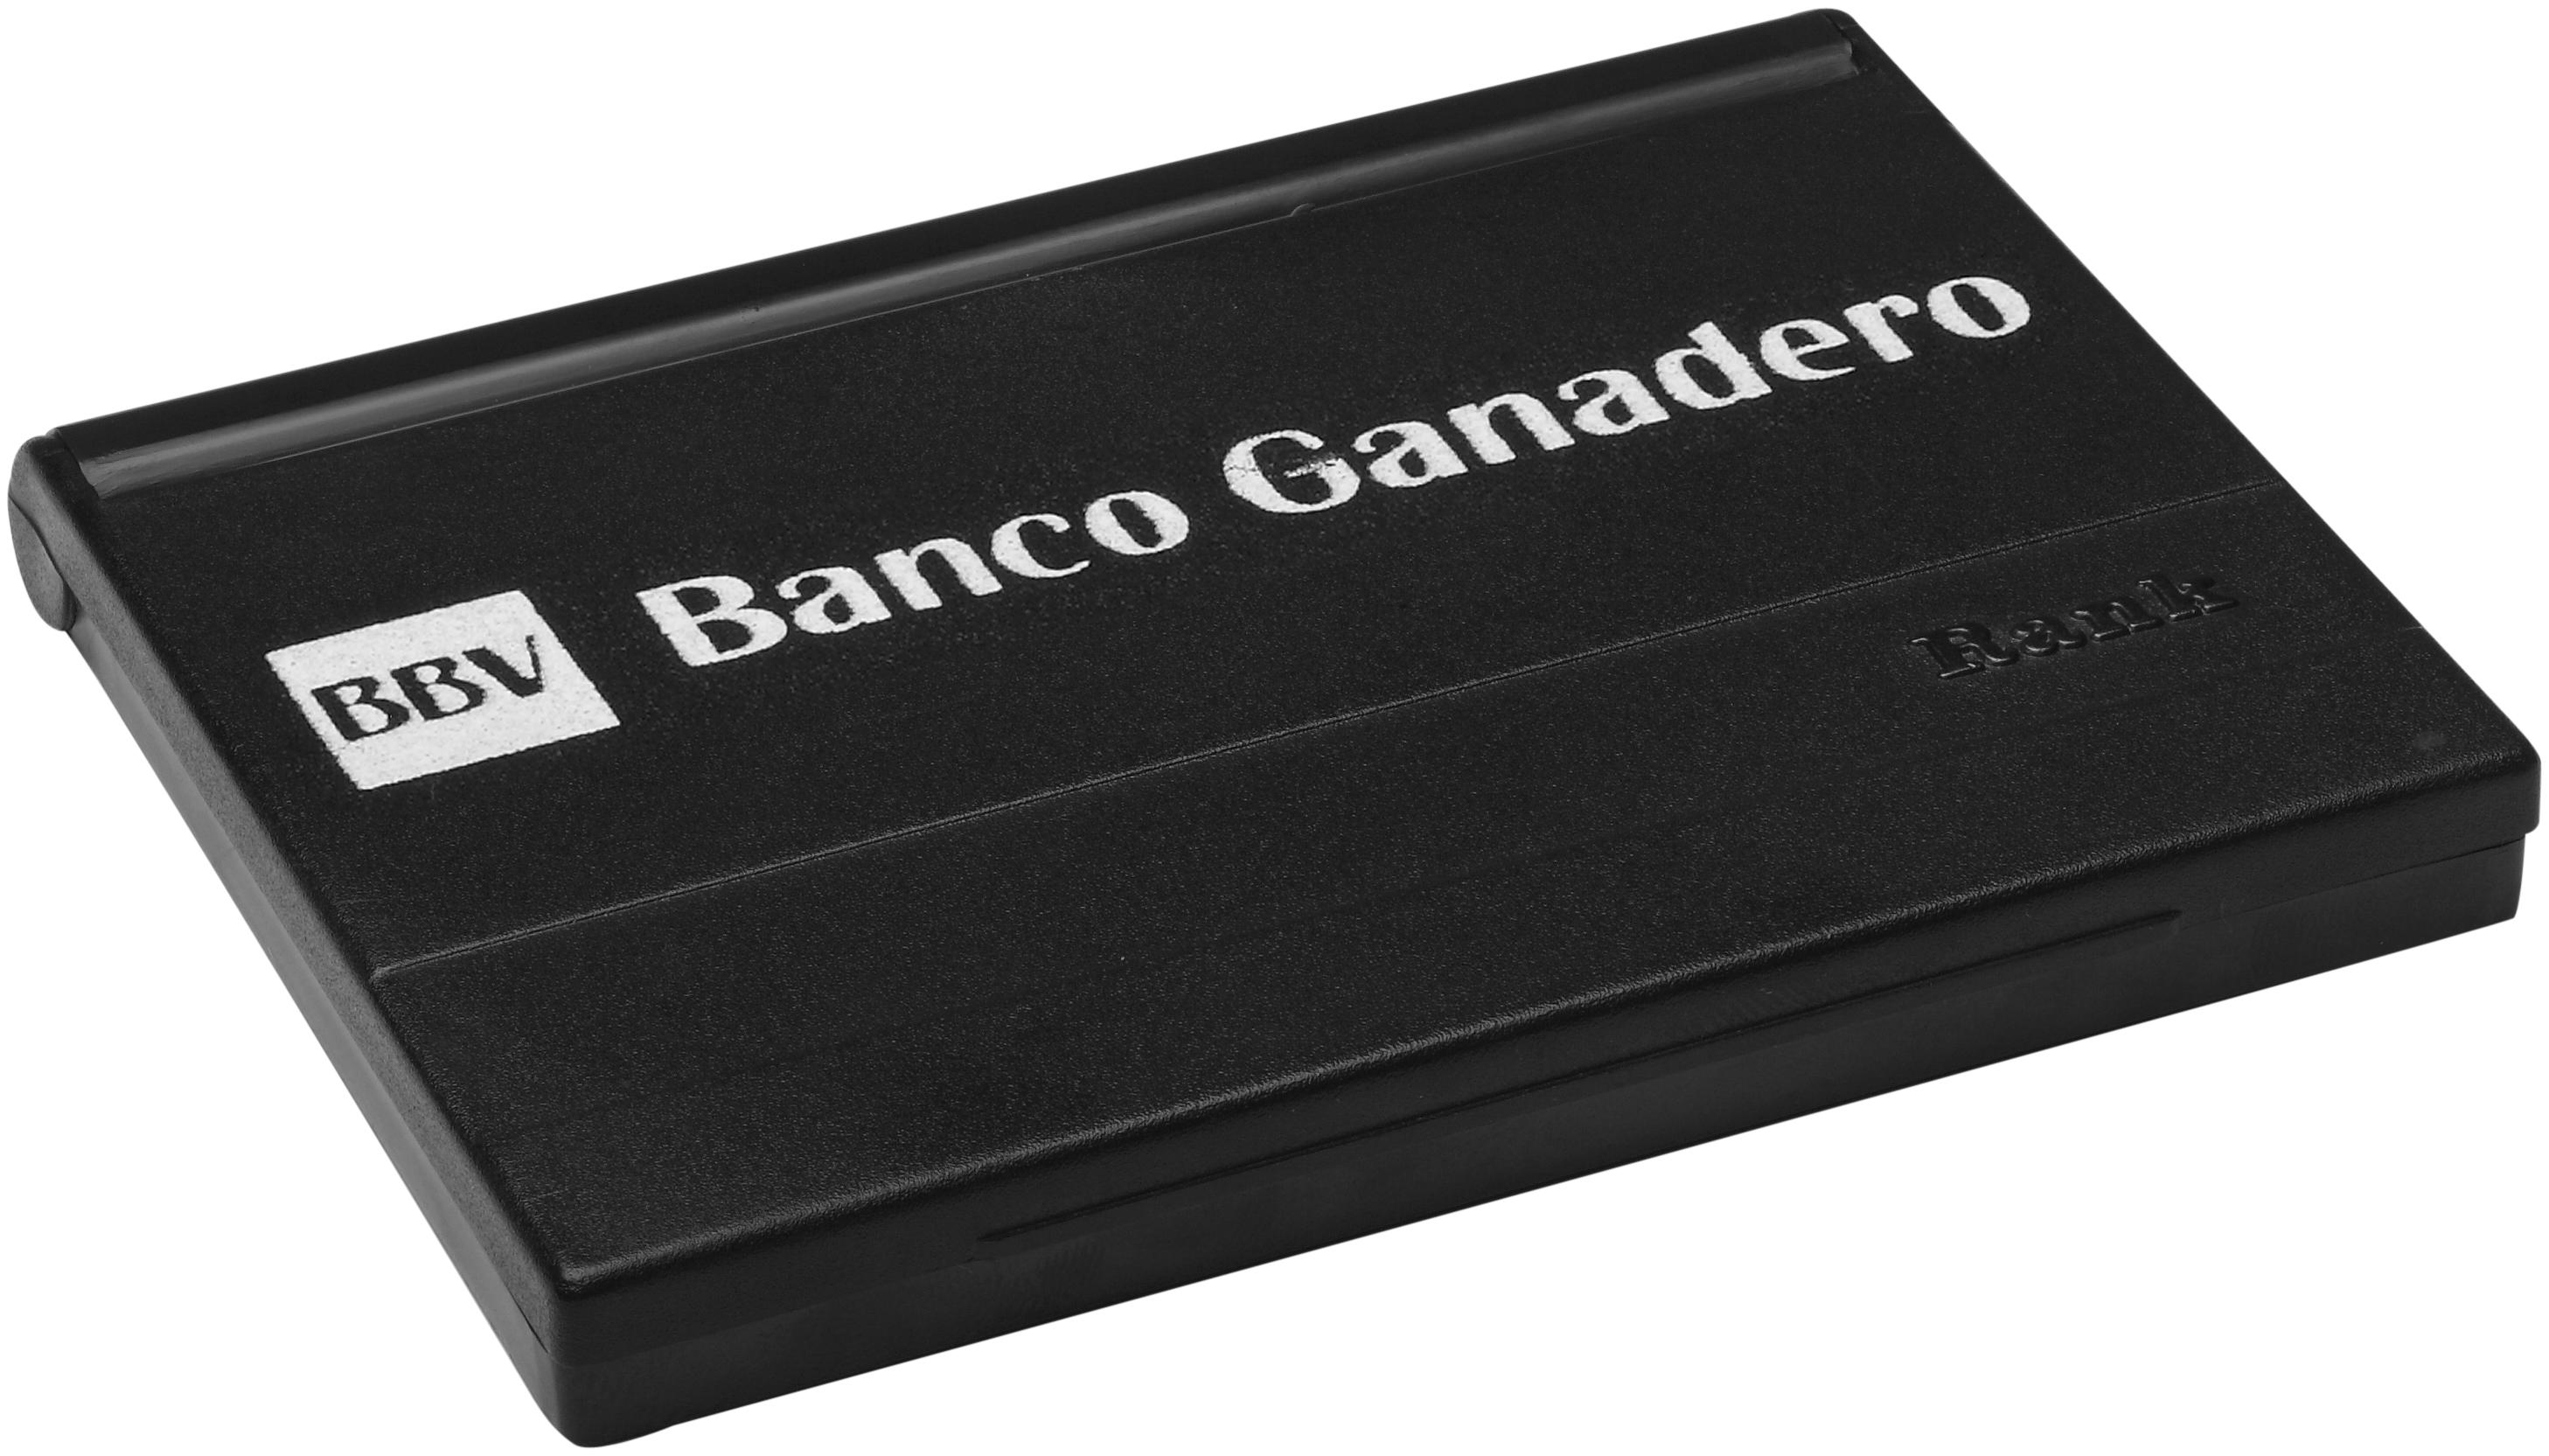 Almohadilla Banco Ganadero